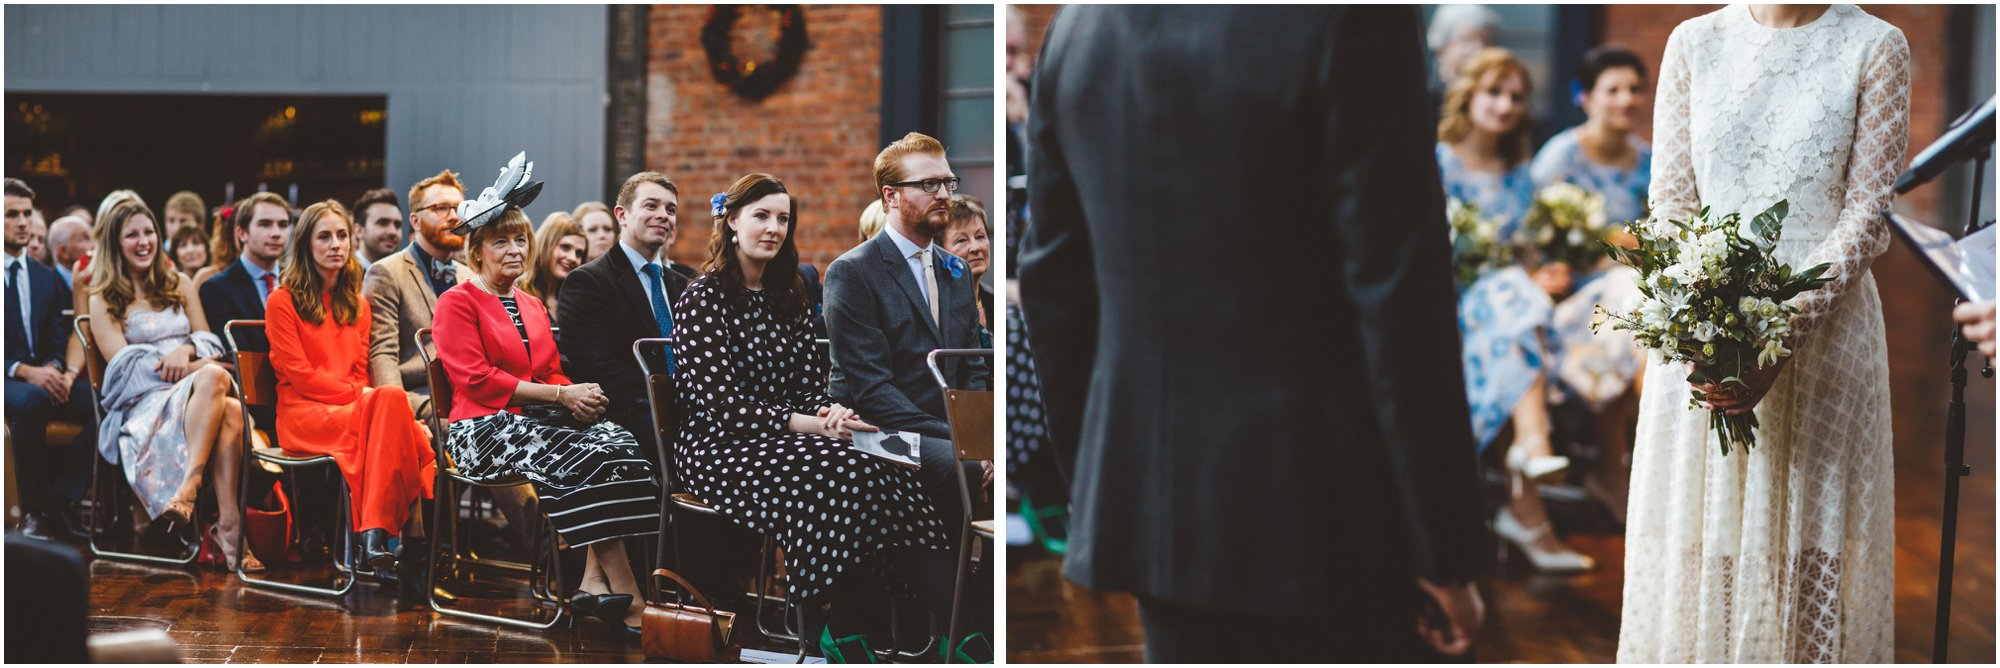 Wylam Brewery Wedding Newcastle_0037.jpg